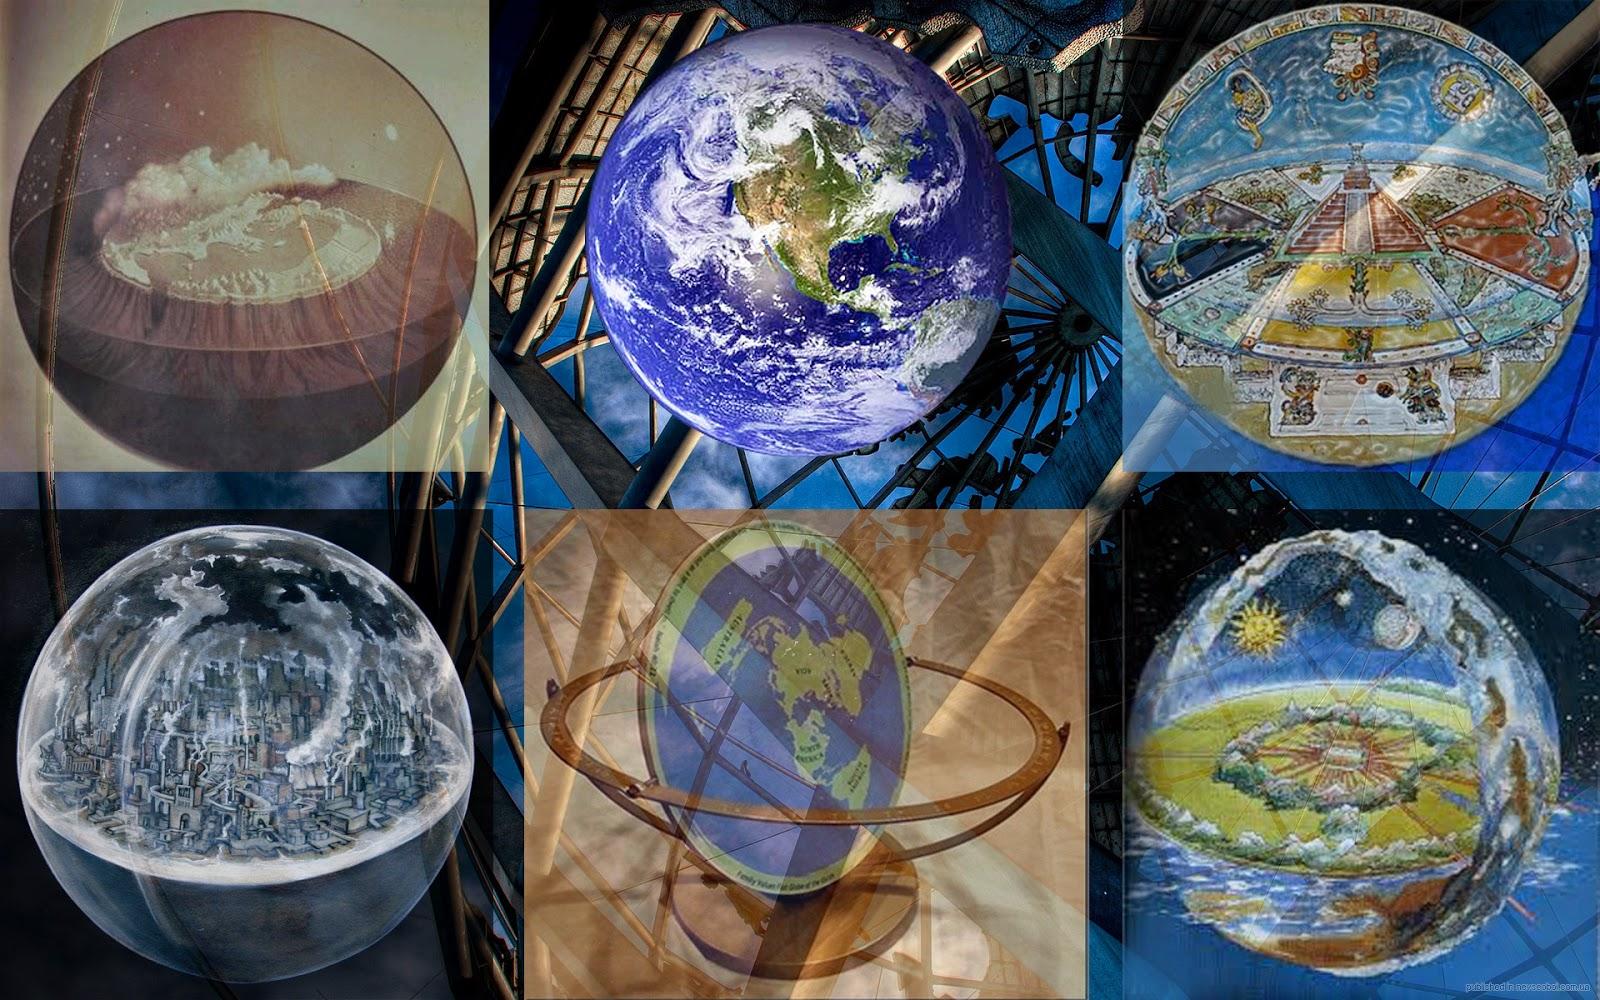 The Atlantean Conspiracy The Globe Earth Lie